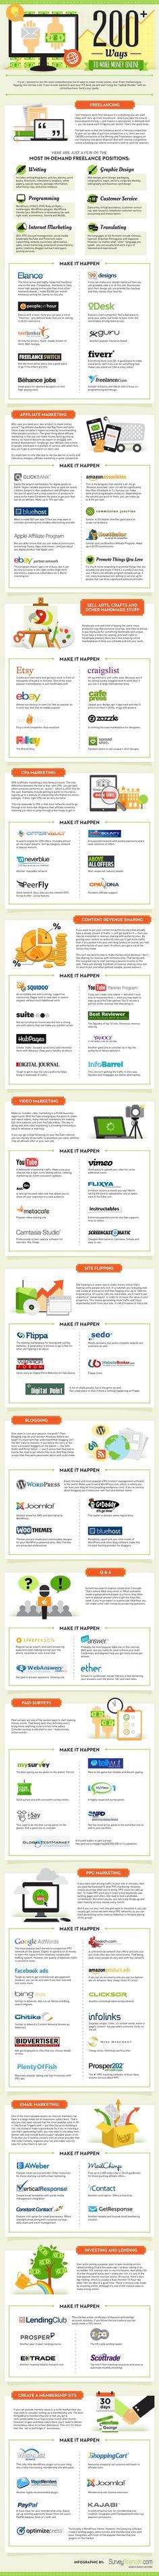 Como hacer dinero en la red